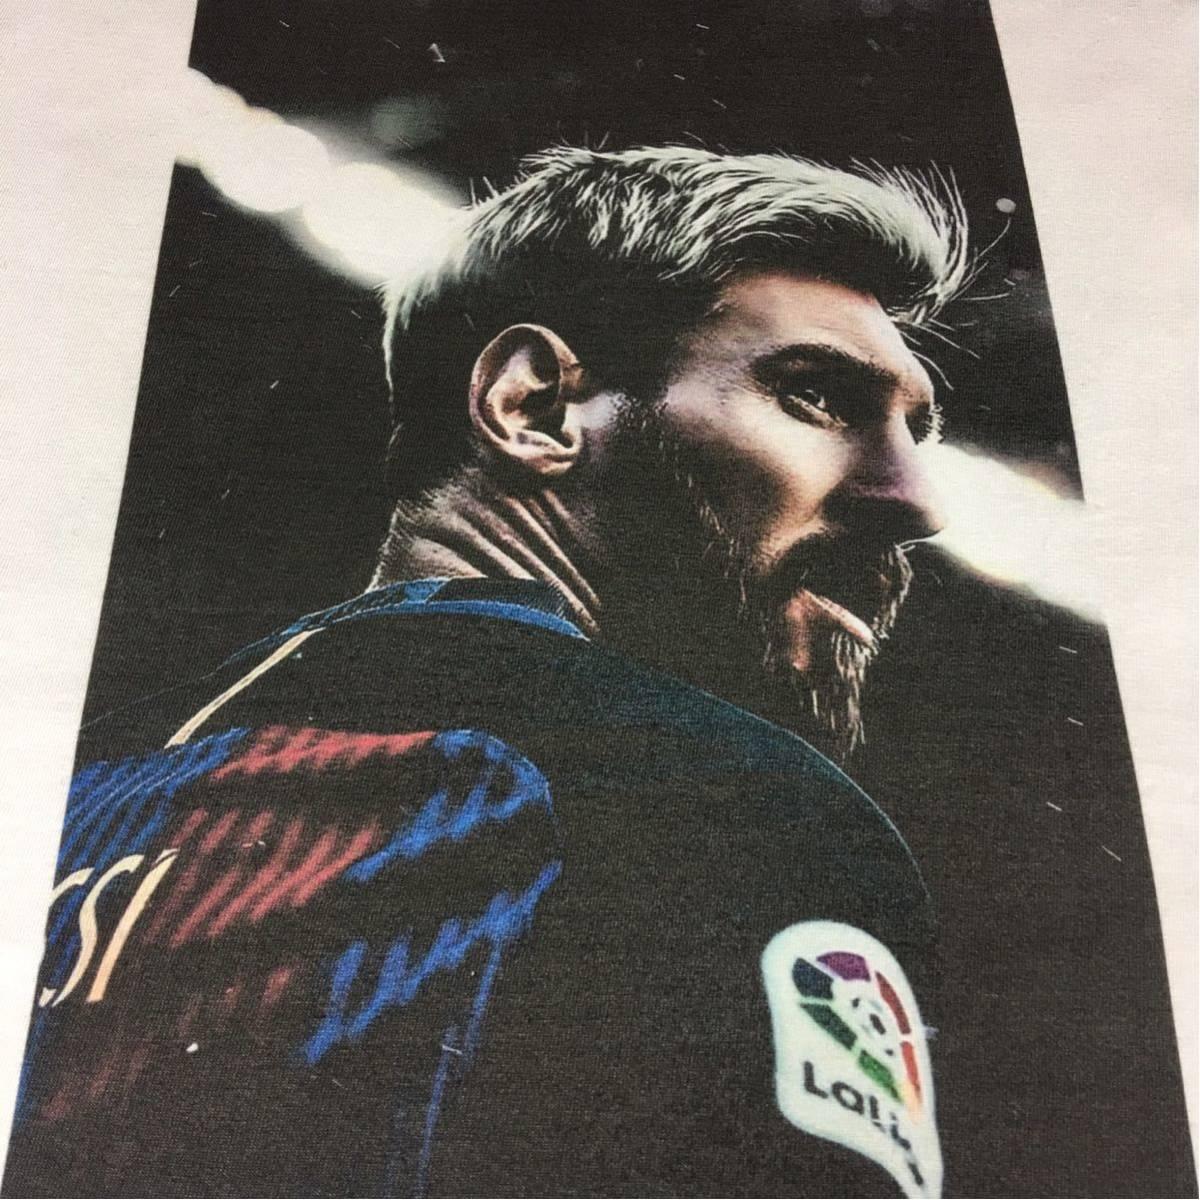 新品 サッカー メッシ Tシャツ S M L XL ワールドカップ バルセロナ アルゼンチン ロナウド ビッグ オーバー サイズ XXL~5XL 長袖 黒 対応_画像7